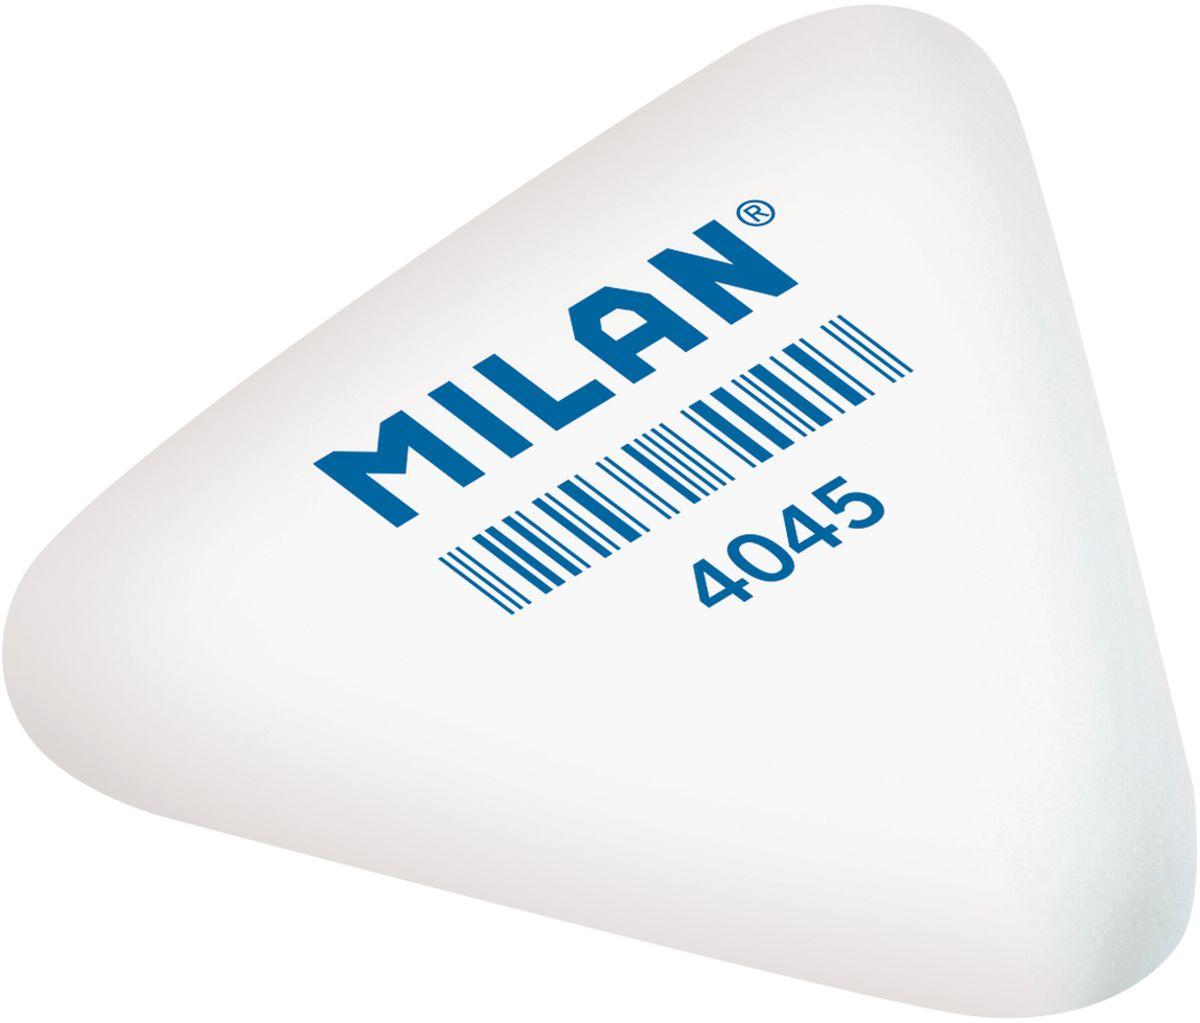 Milan Ластик 4045 треугольный72523WDМягкий синтетический каучуковый ластик треугольной формы. Подходит для удаления штрихов от большинства графитовых карандашей на всех видах поверхностей.